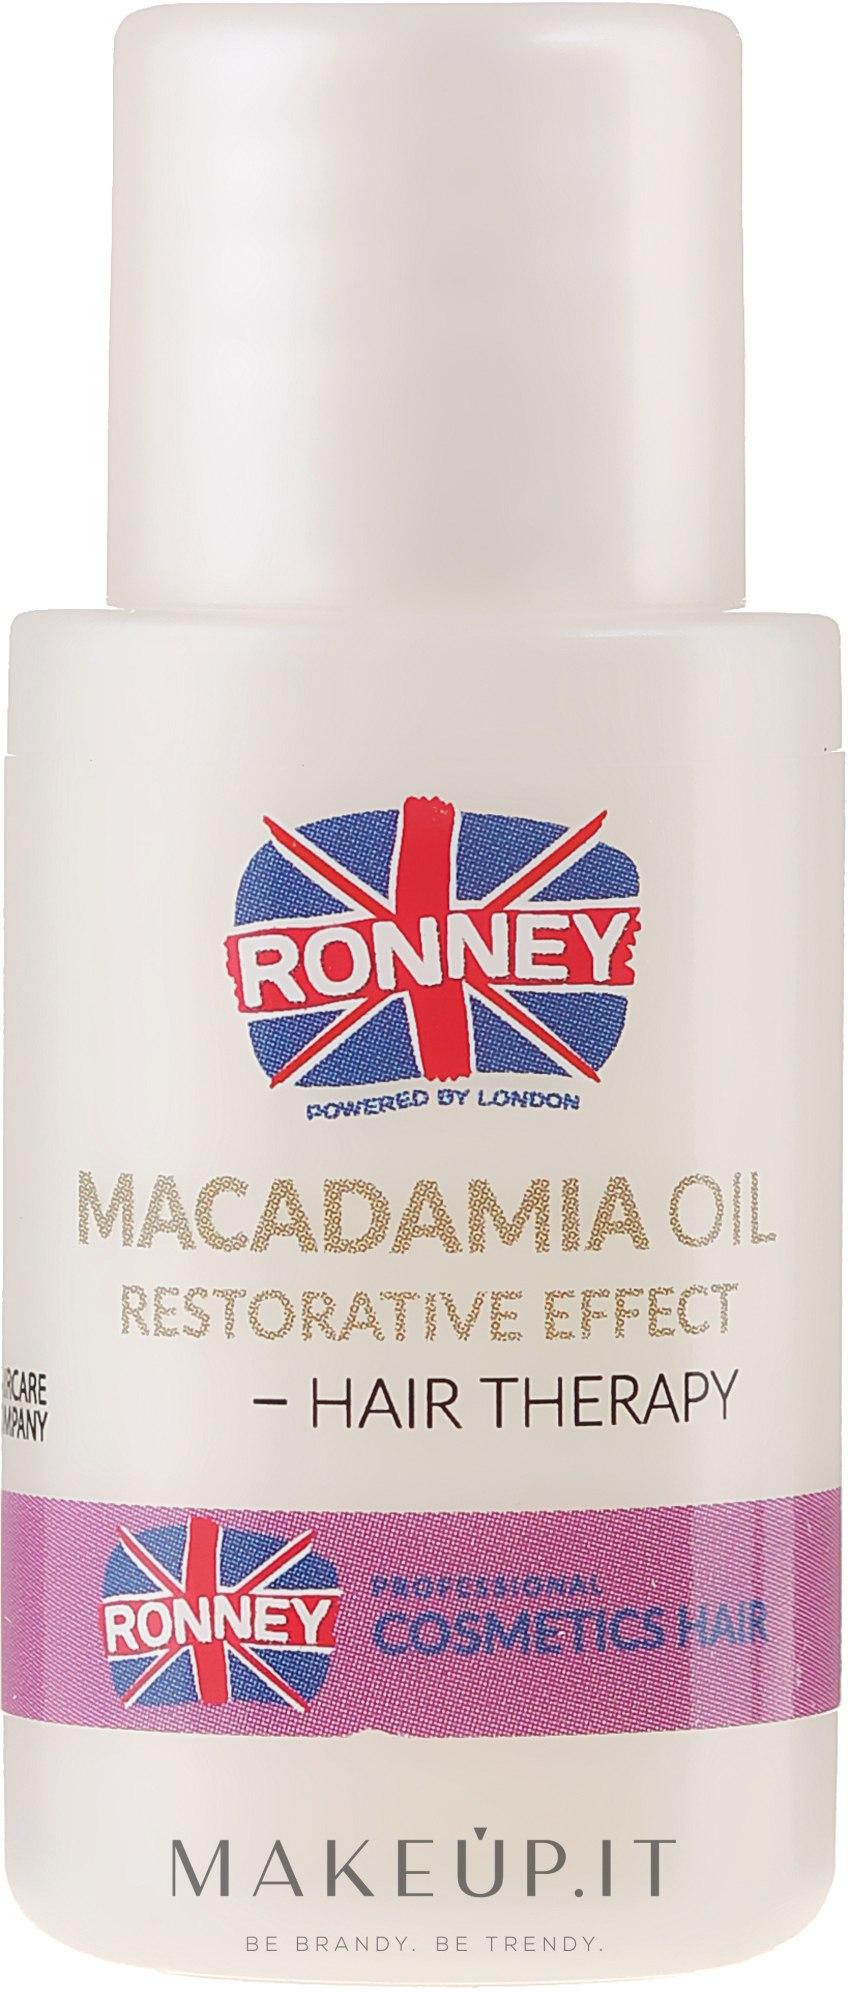 Olio di macada per capelli restitutivo - Ronney Macadamia Oil Restorative Effect Hair Therapymia  — foto 15 ml